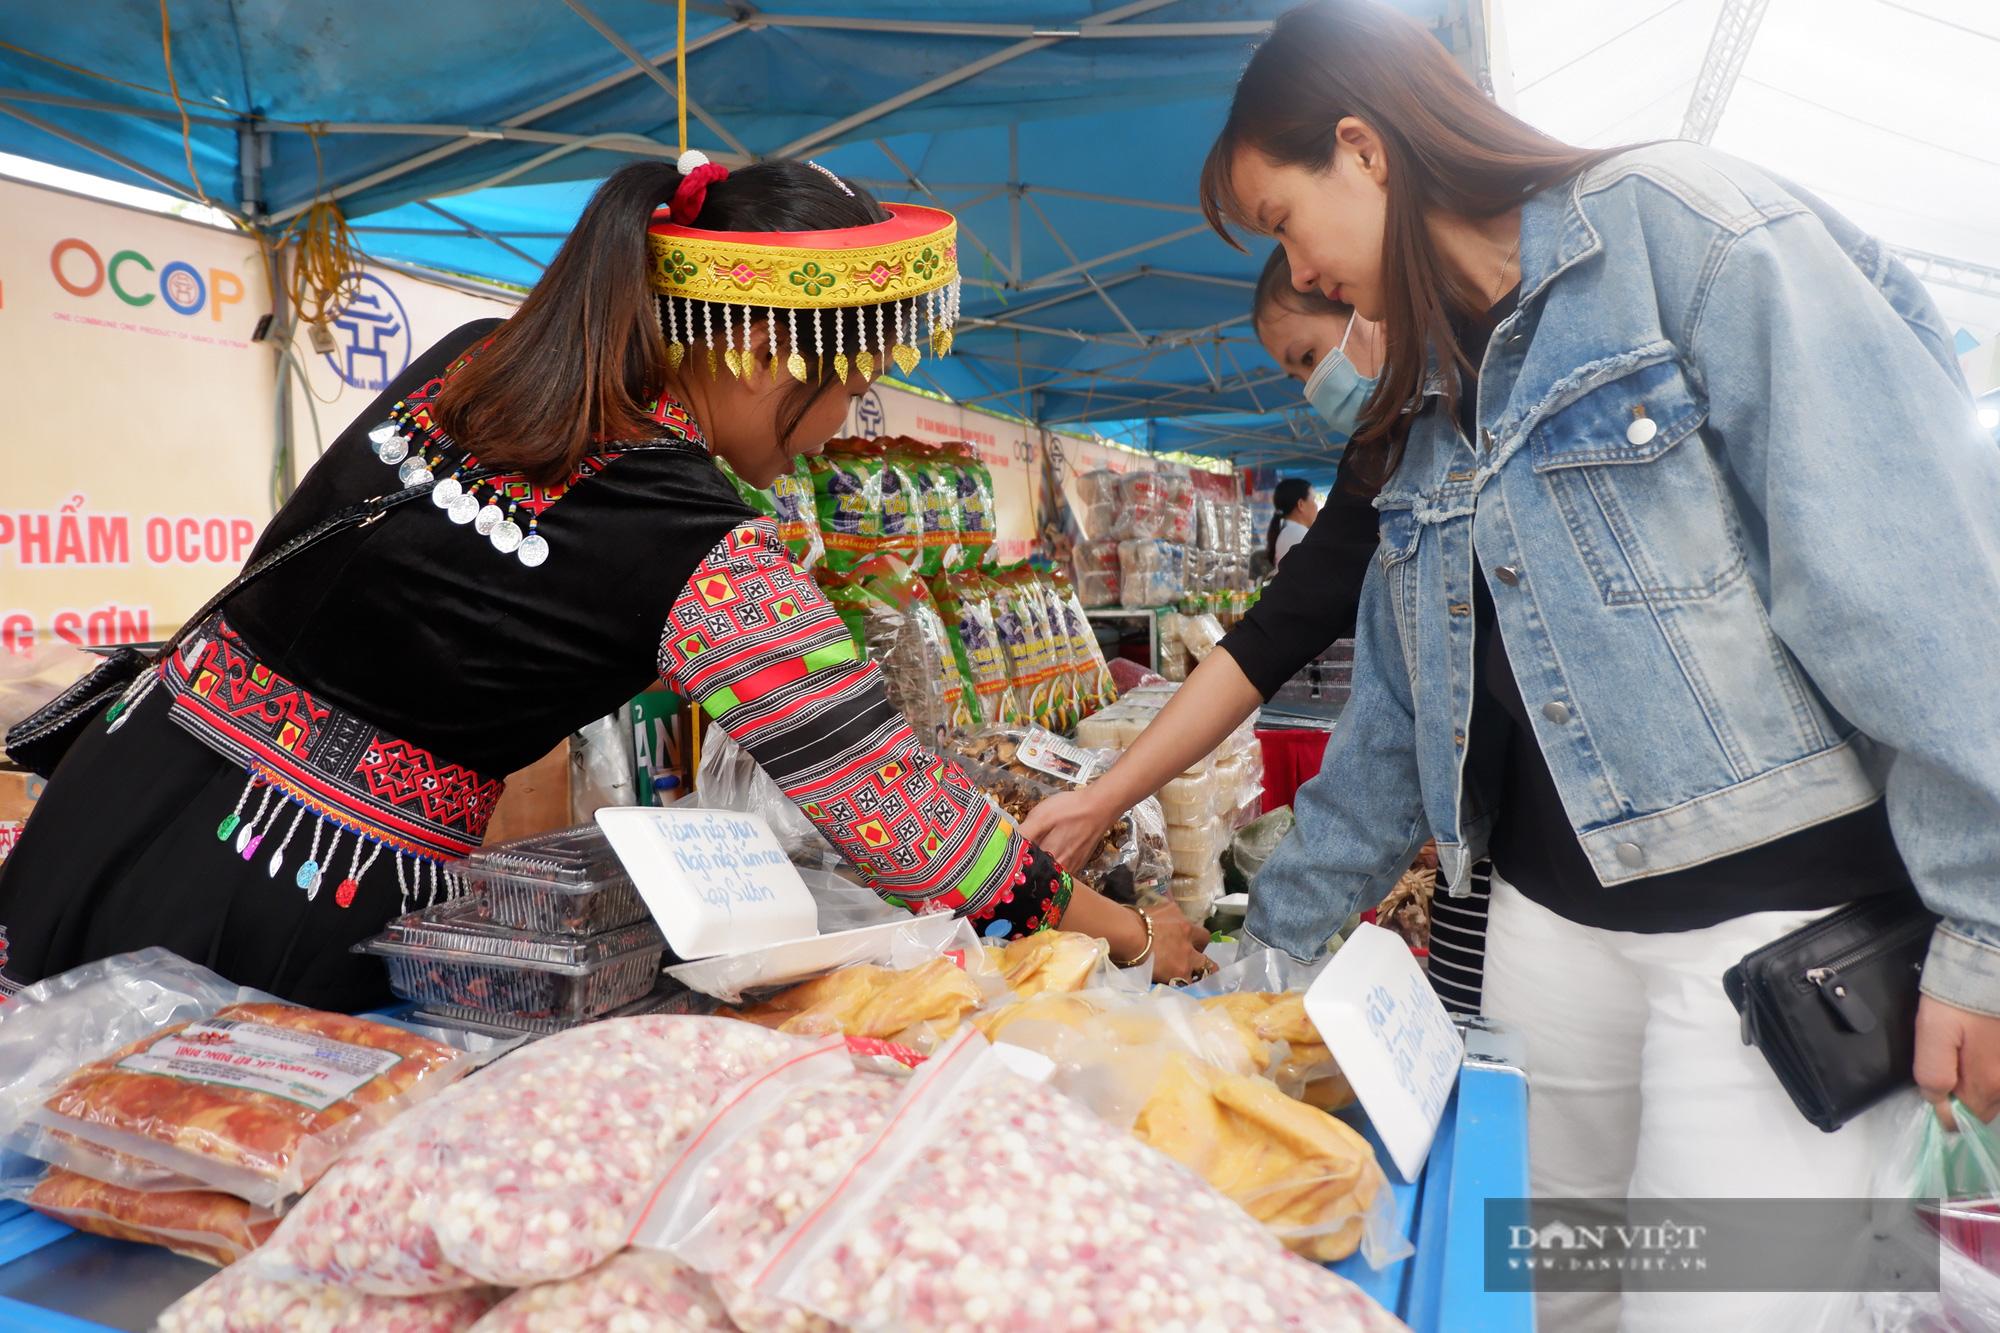 Hà Nội: Quy tụ hàng nghìn sản phẩm nông sản đặc sắc, chỉ toàn là đặc sản, người dân Thủ đô hài lòng - Ảnh 2.